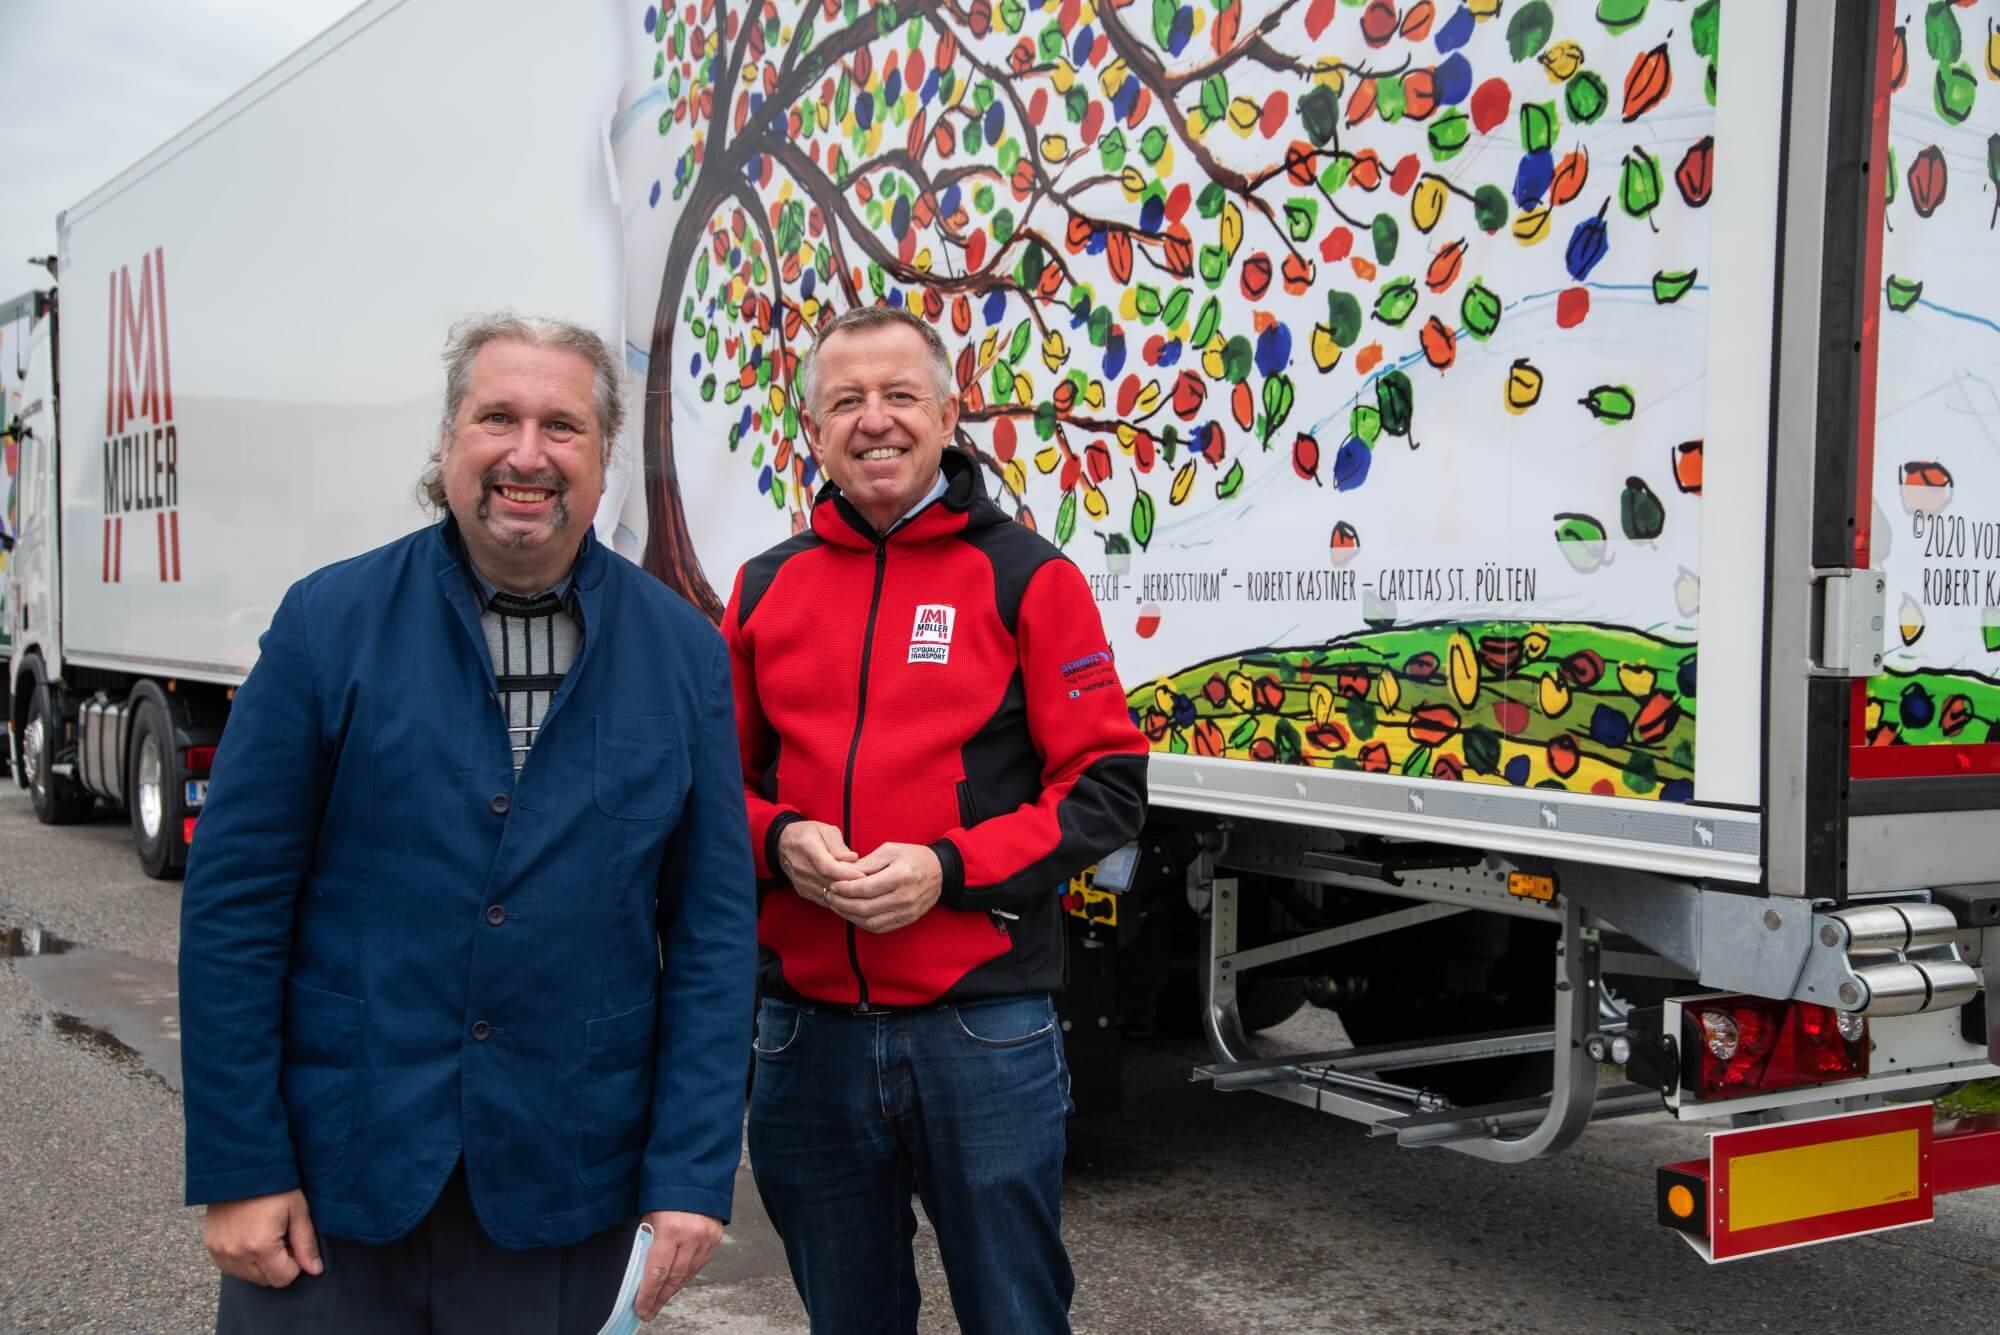 Künstler Robert Kastner mit Fritz Müller, dem Geschäftsführer von Müller Transporte. Das Unternehmen hat das Motiv Herbststurm für einen LKW ausgewählt, welcher im Hintergrund zu sehen ist.